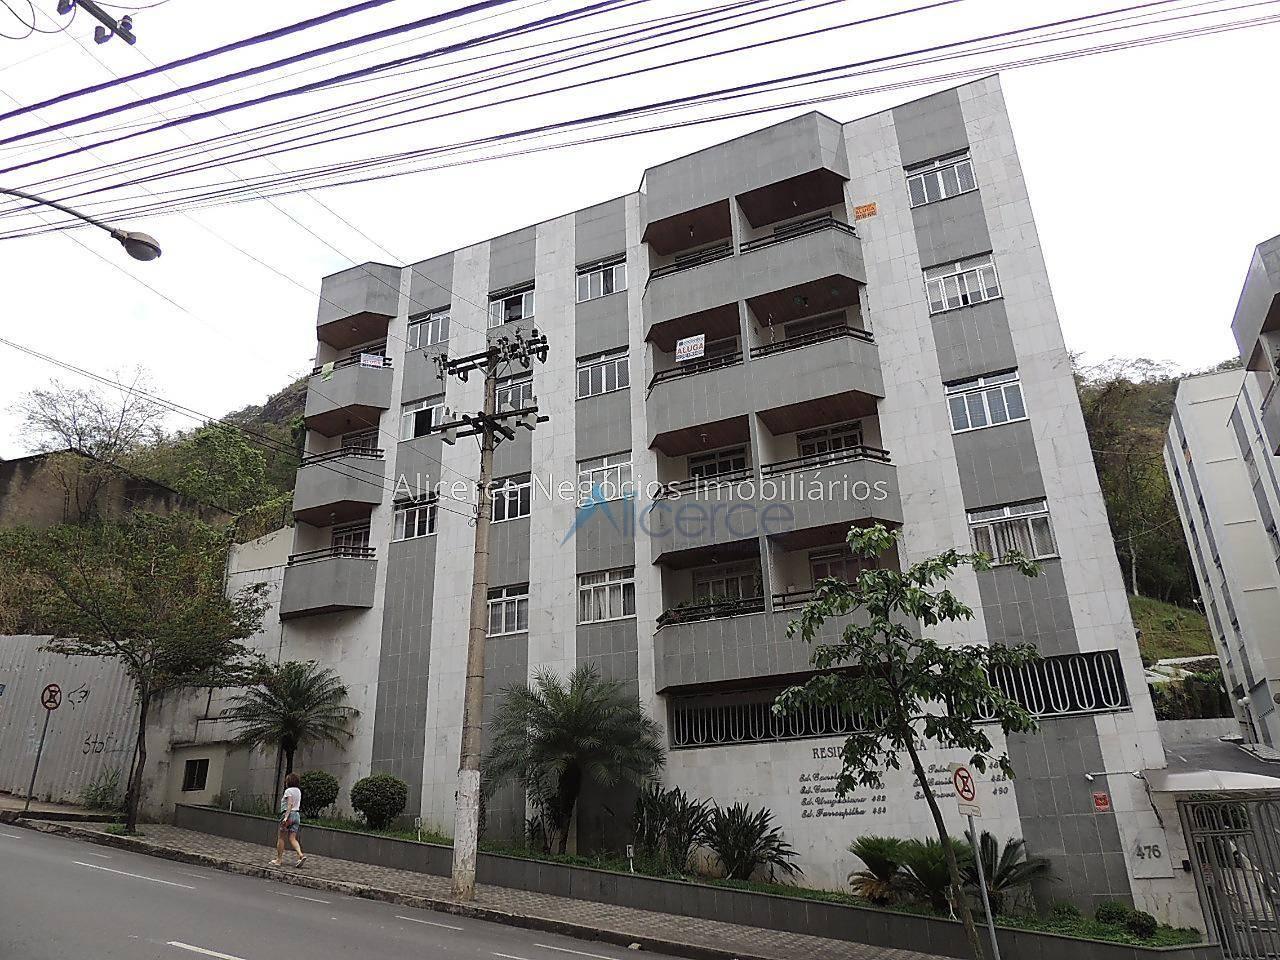 Apartamento com 2 dormitórios para alugar, 80 m² por R$ 900/mês - Santa Helena - Juiz de Fora/MG